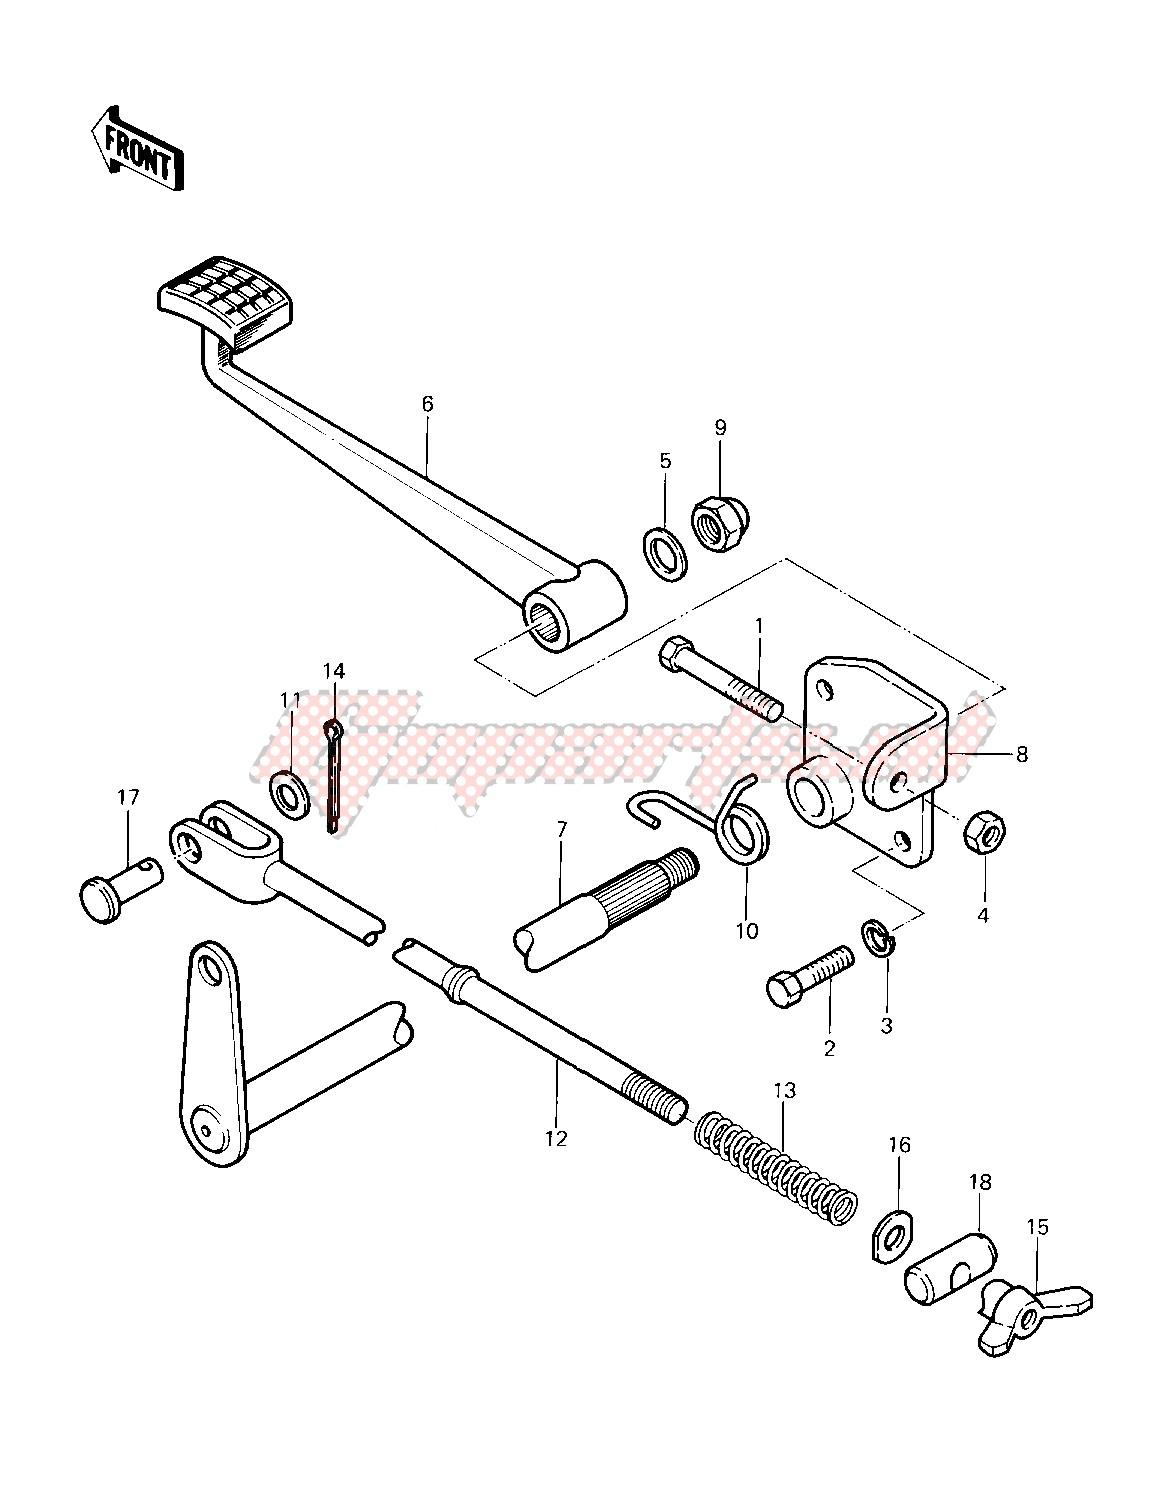 BRAKE PEDAL -- 83 KLT200-C1- - image